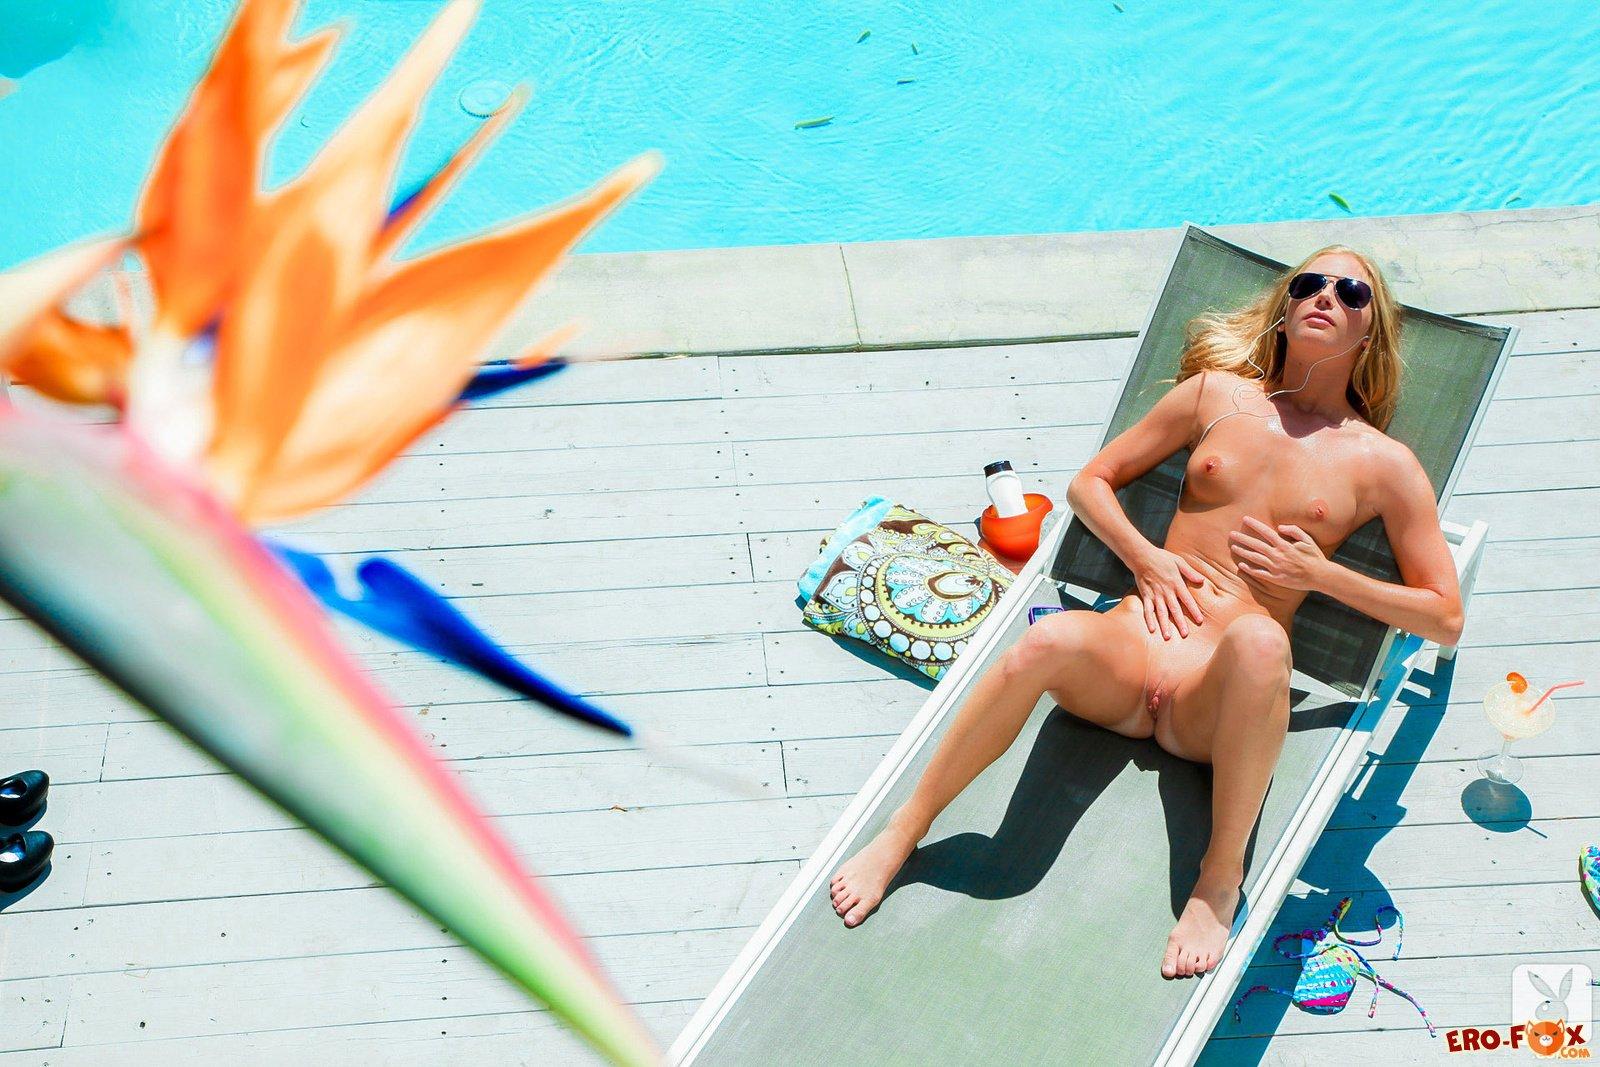 Сексуальная блондинка в купальнике топлес